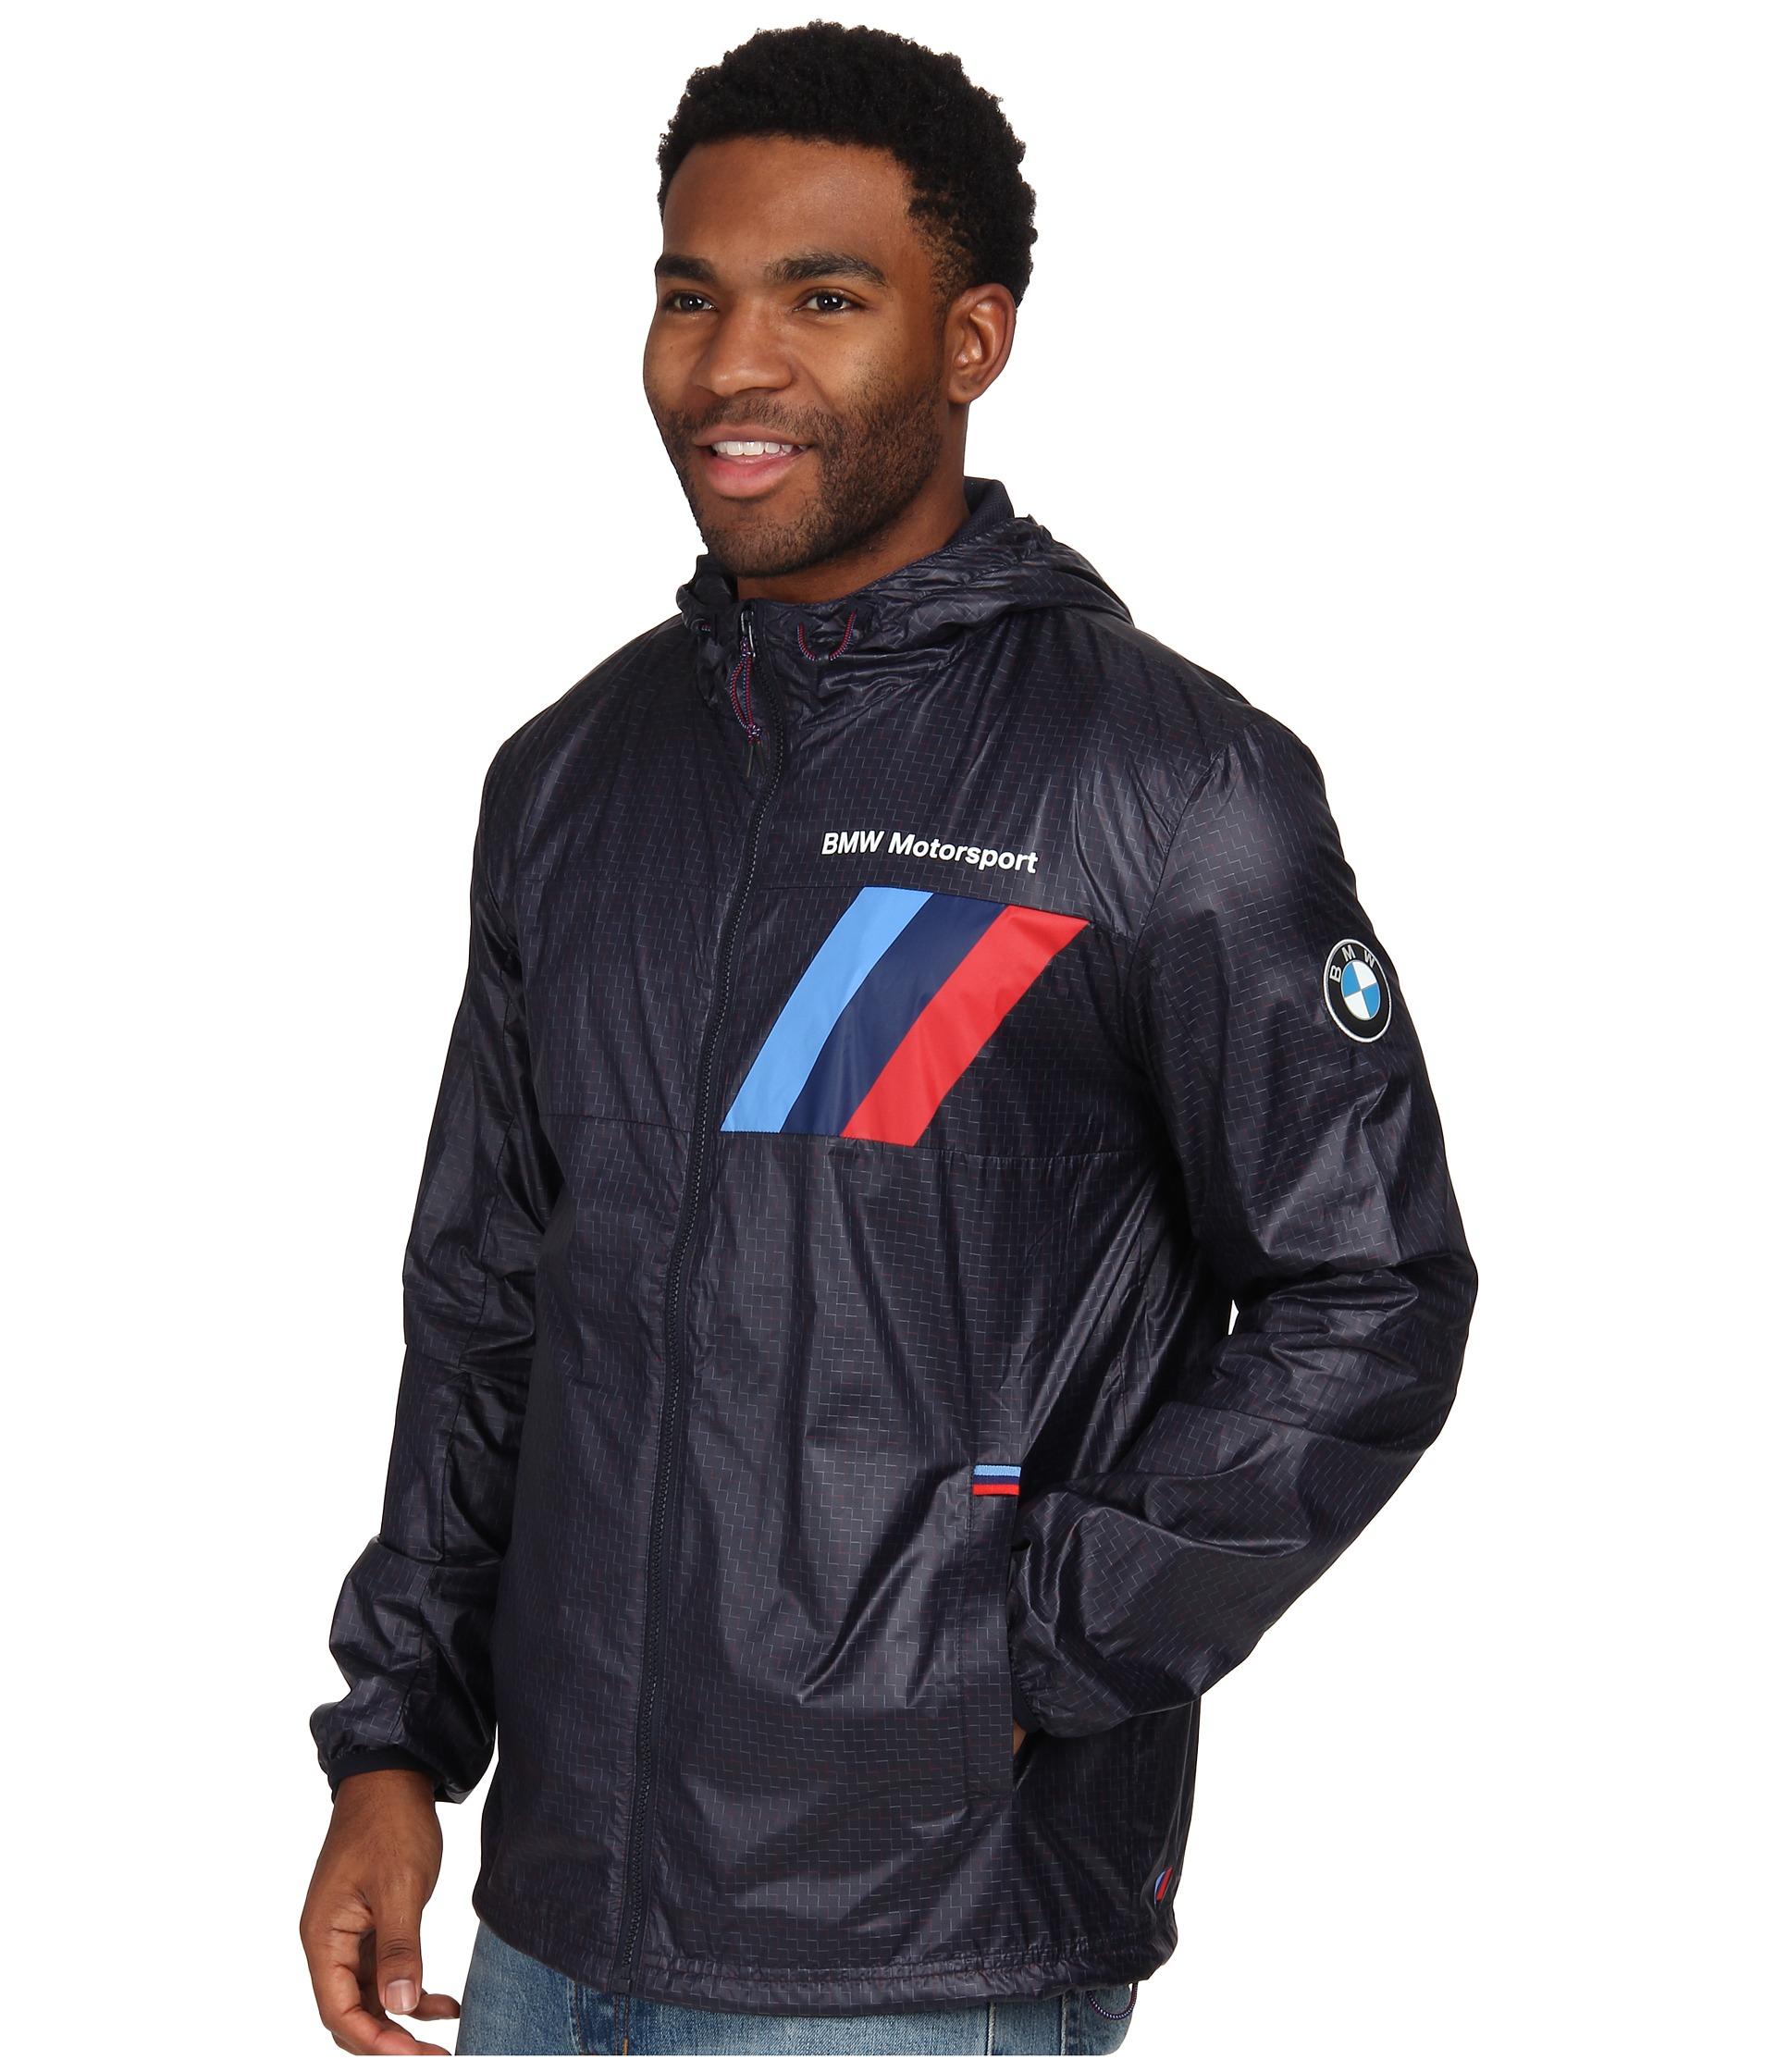 Bmw Motorsport Lightweight Jacket